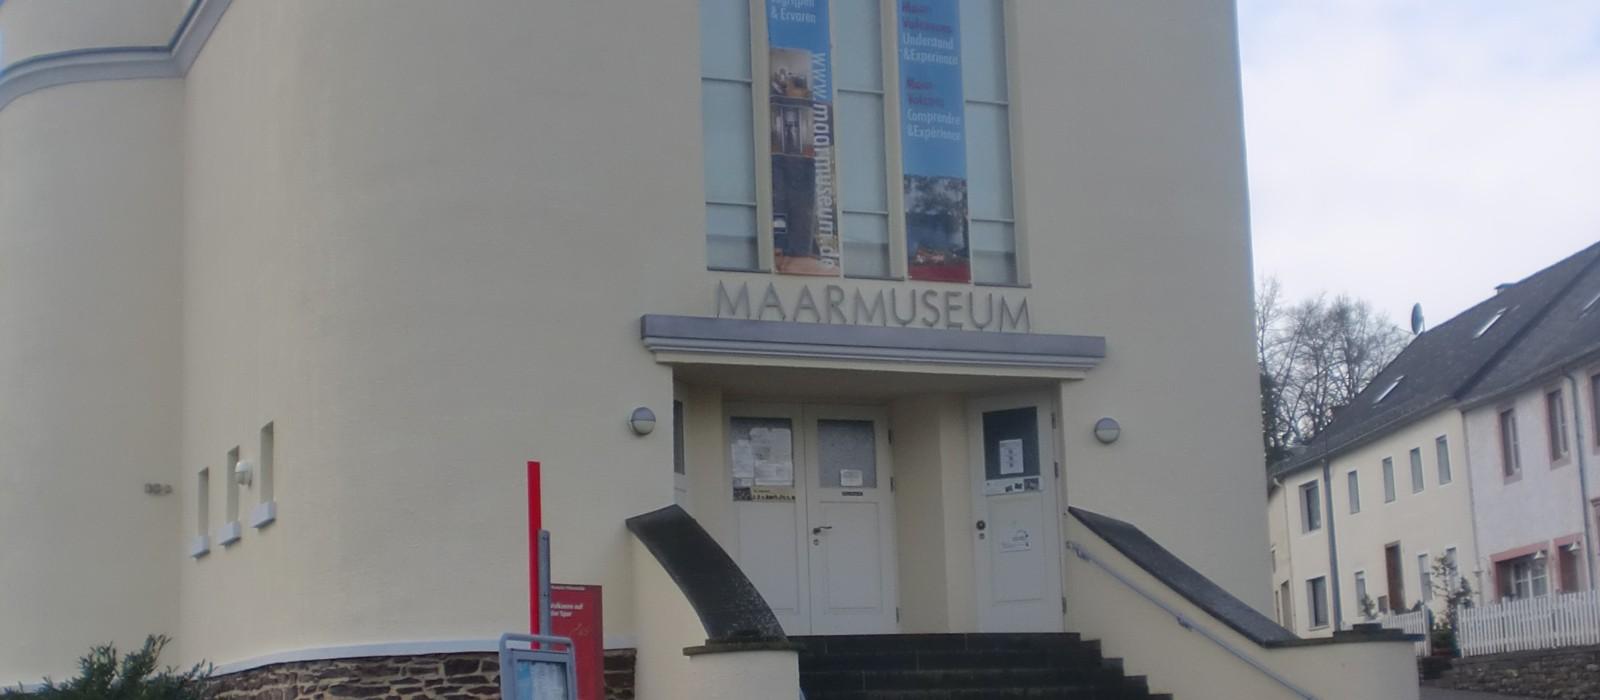 Außenansicht Maarmuseum